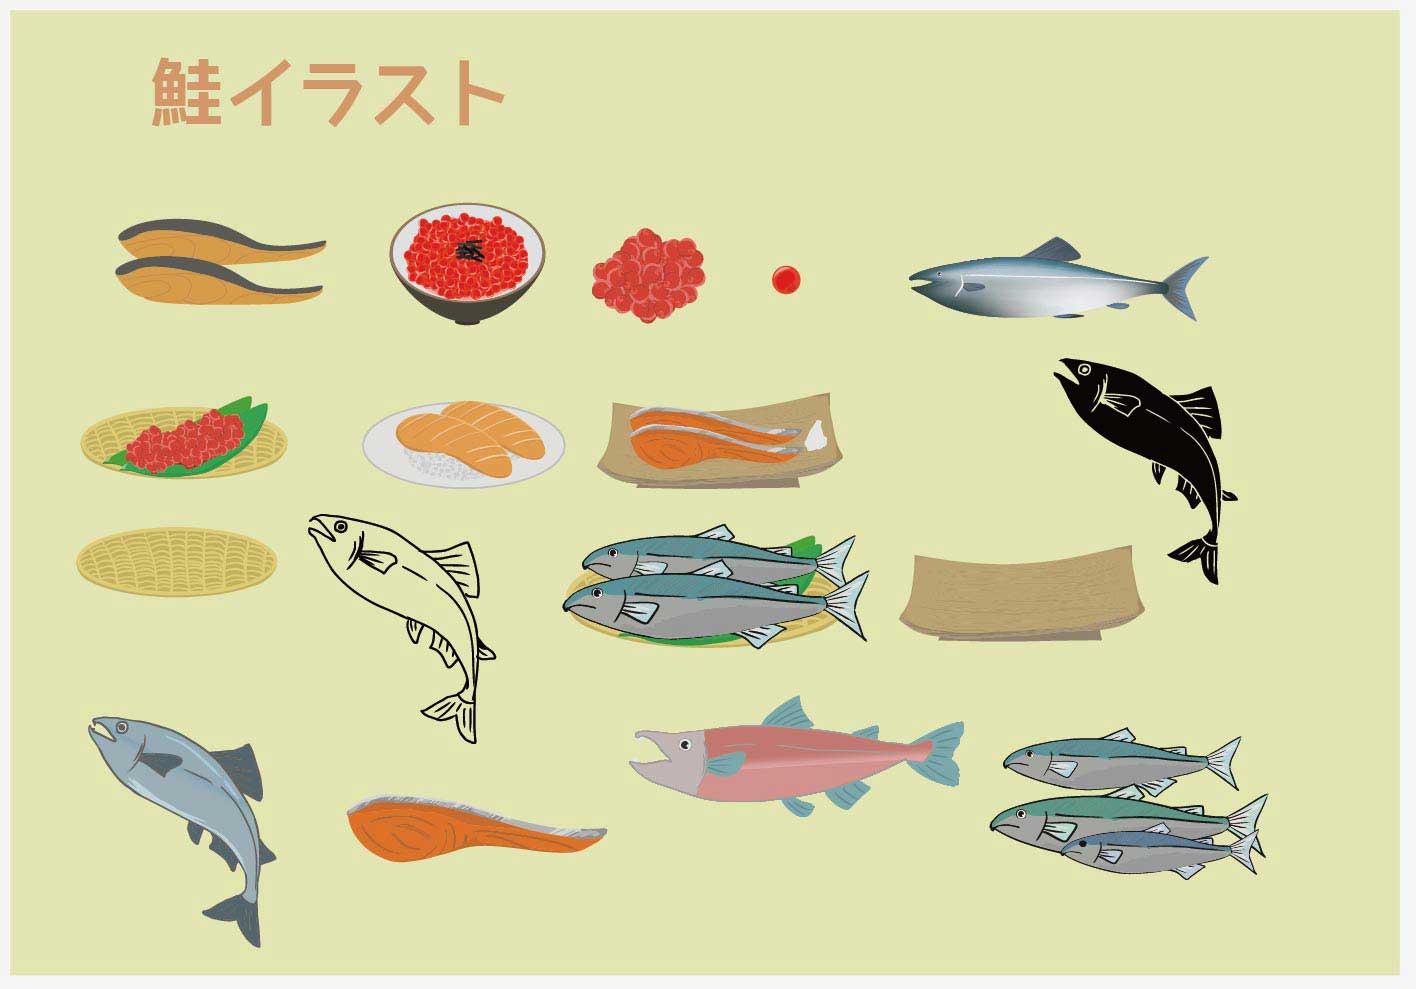 鮭のベクターイラストセット